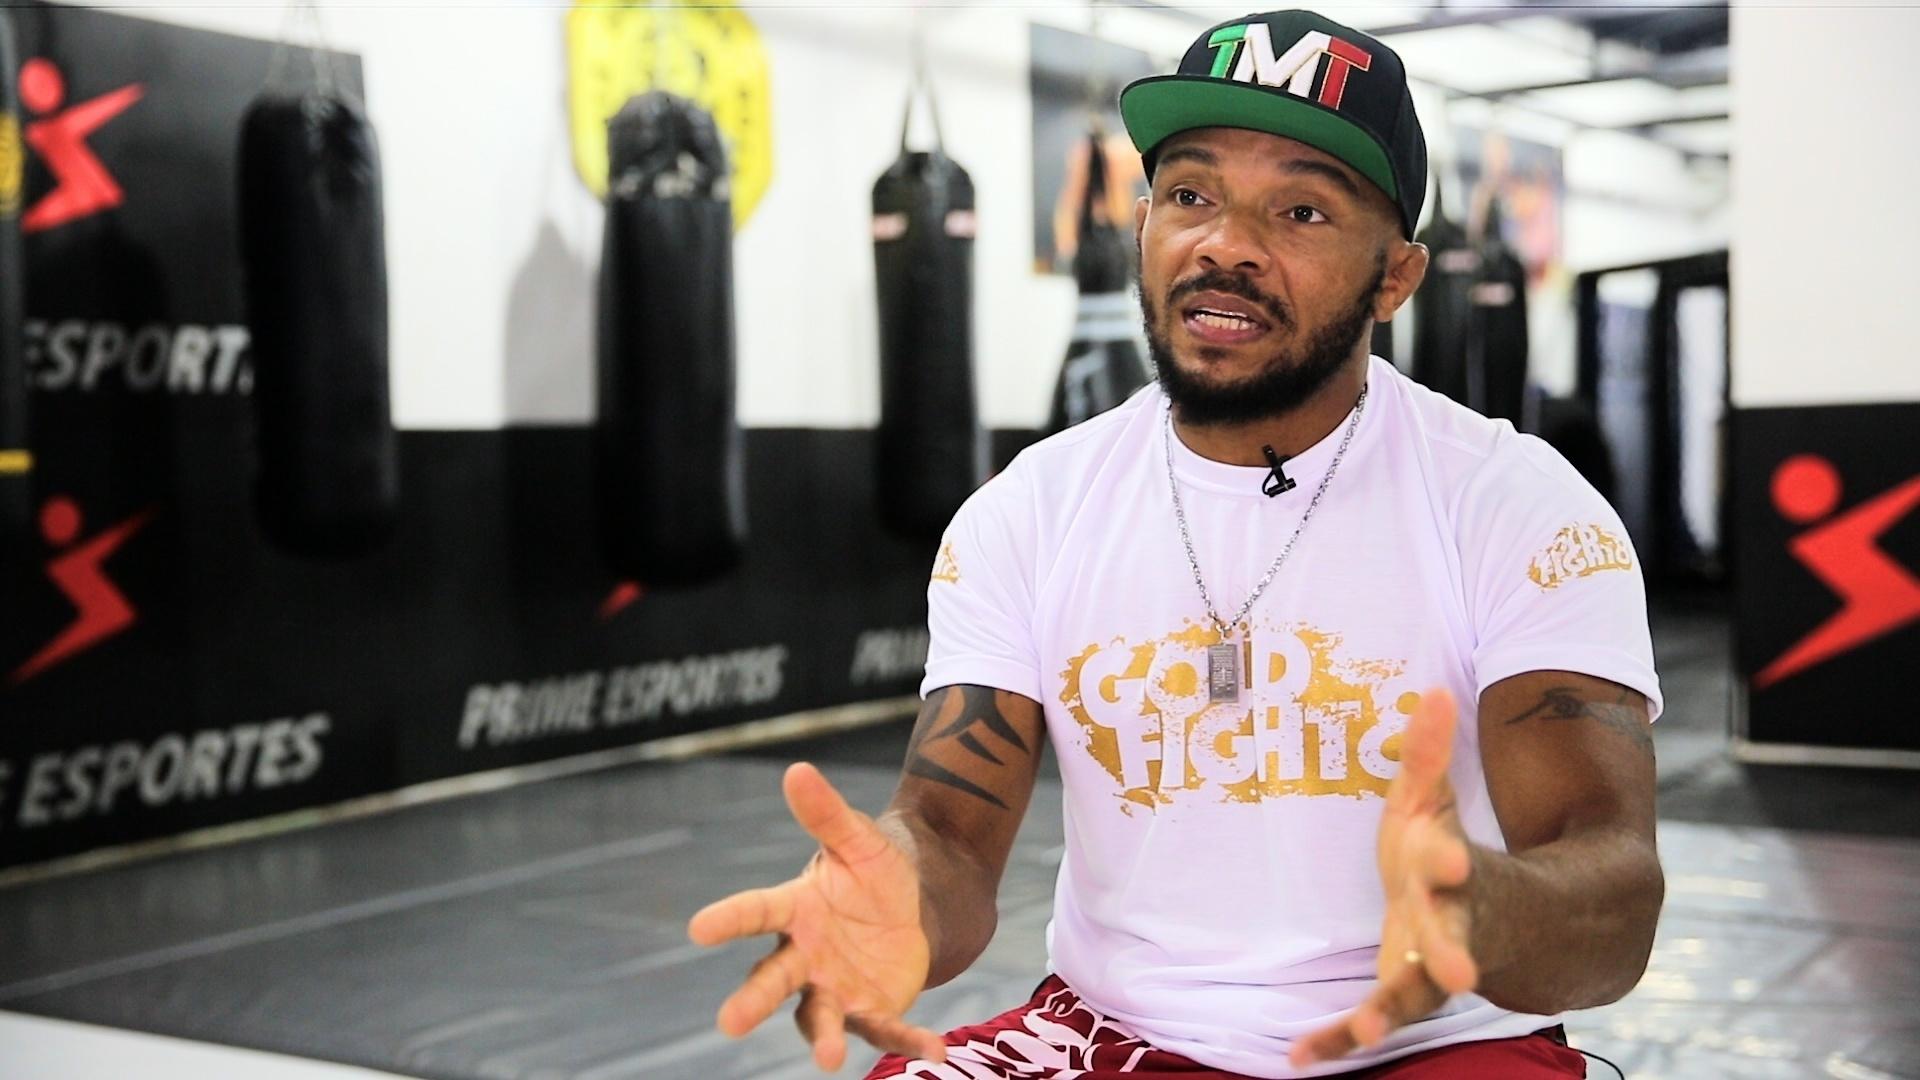 Marco Babuíno, promotor do Gold Fight, evento de MMA em São Paulo